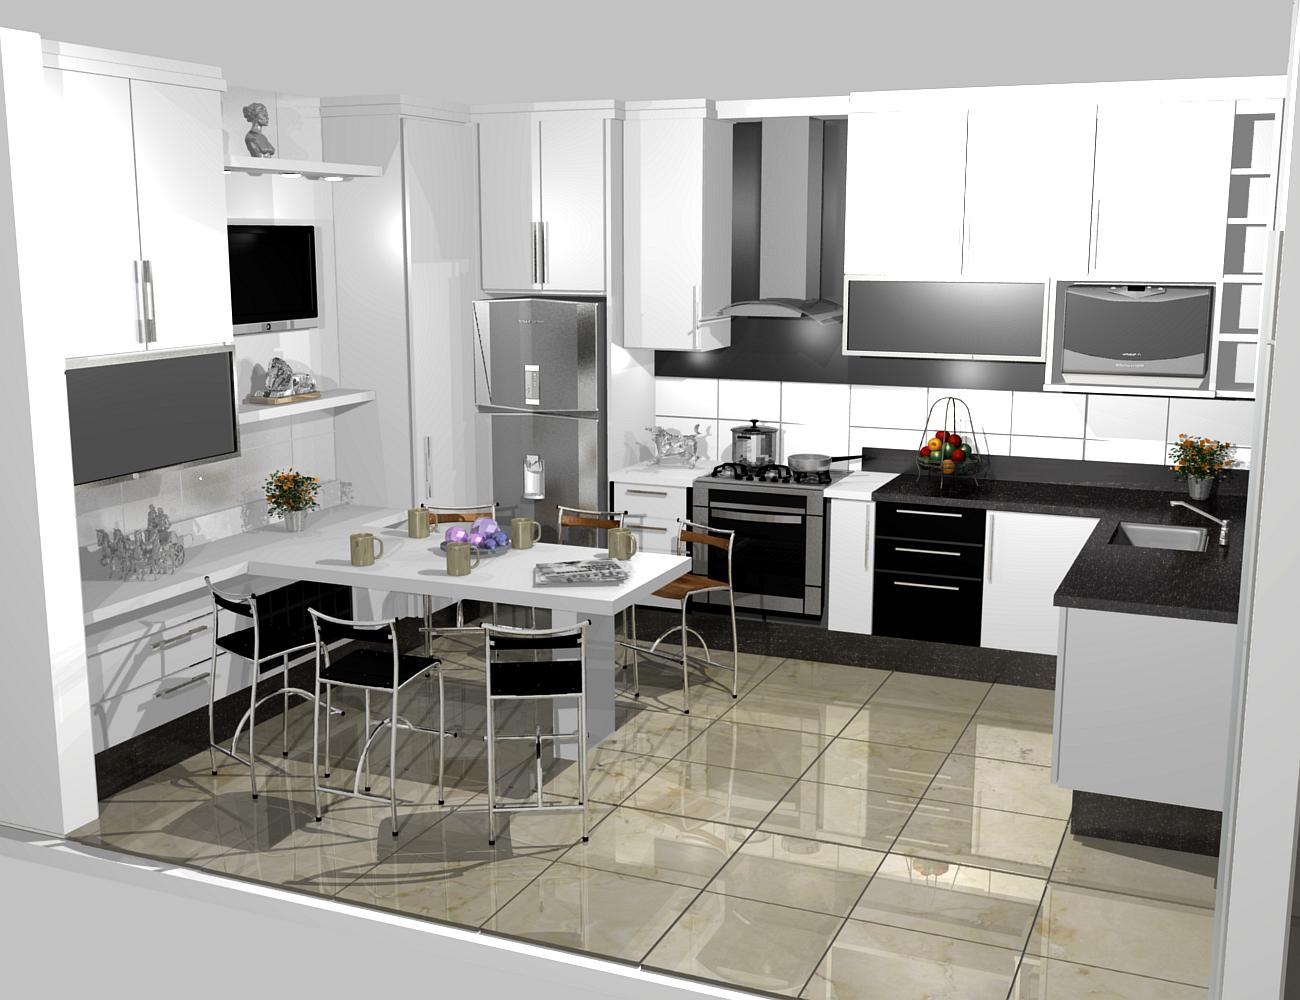 #6A4784 armários por todos os lados é muito importante. 1300x1000 px Projetos De Cozinhas Para Bar #641 imagens